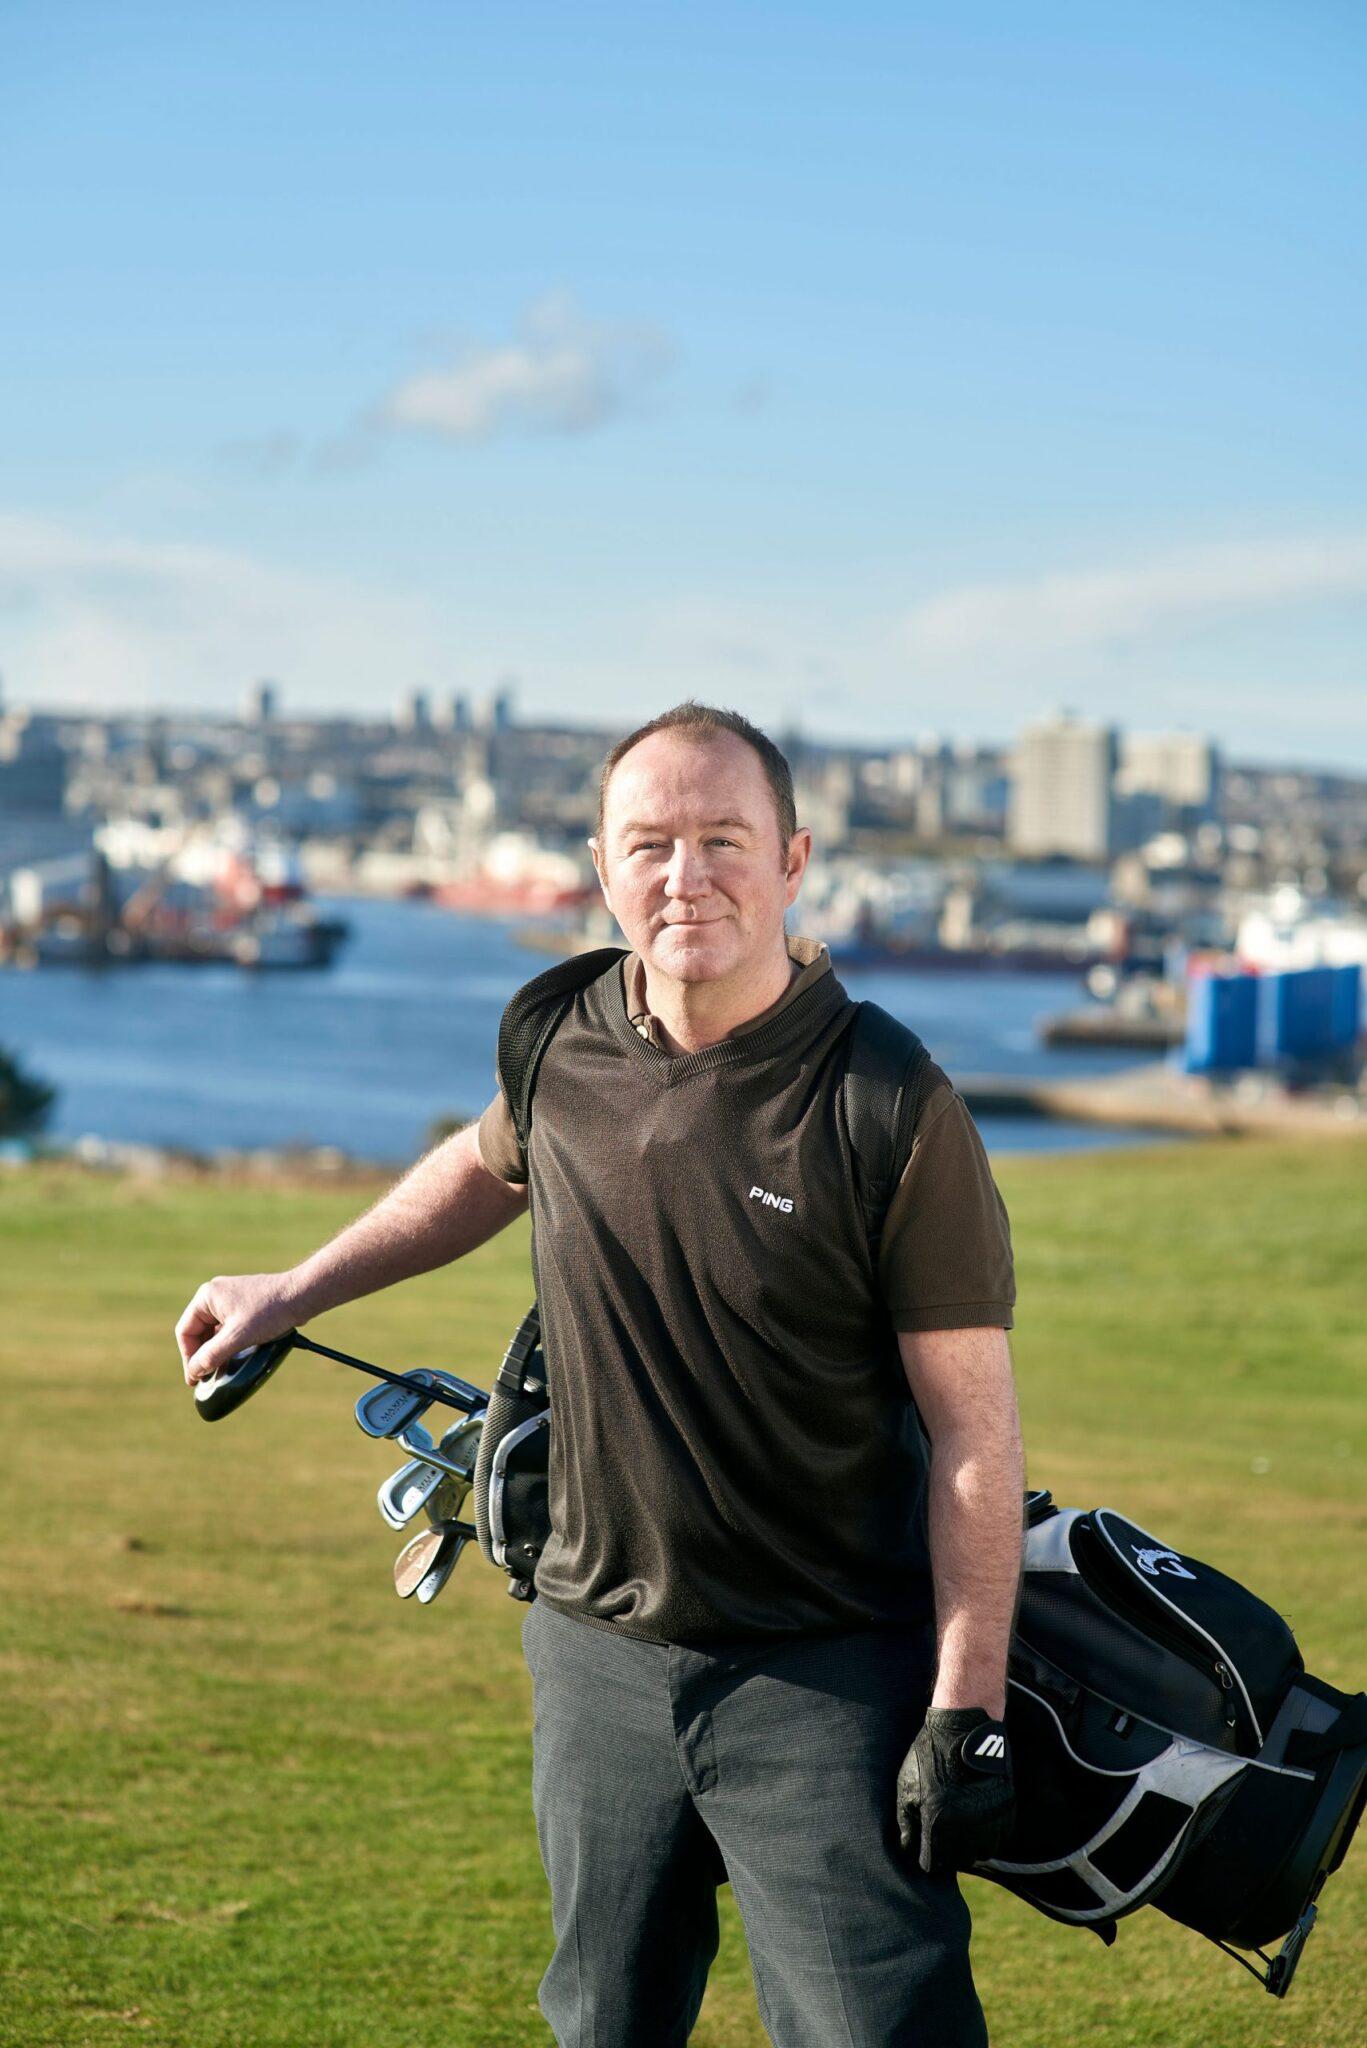 Sport Aberdeen Promotional Golf Shoot 2020